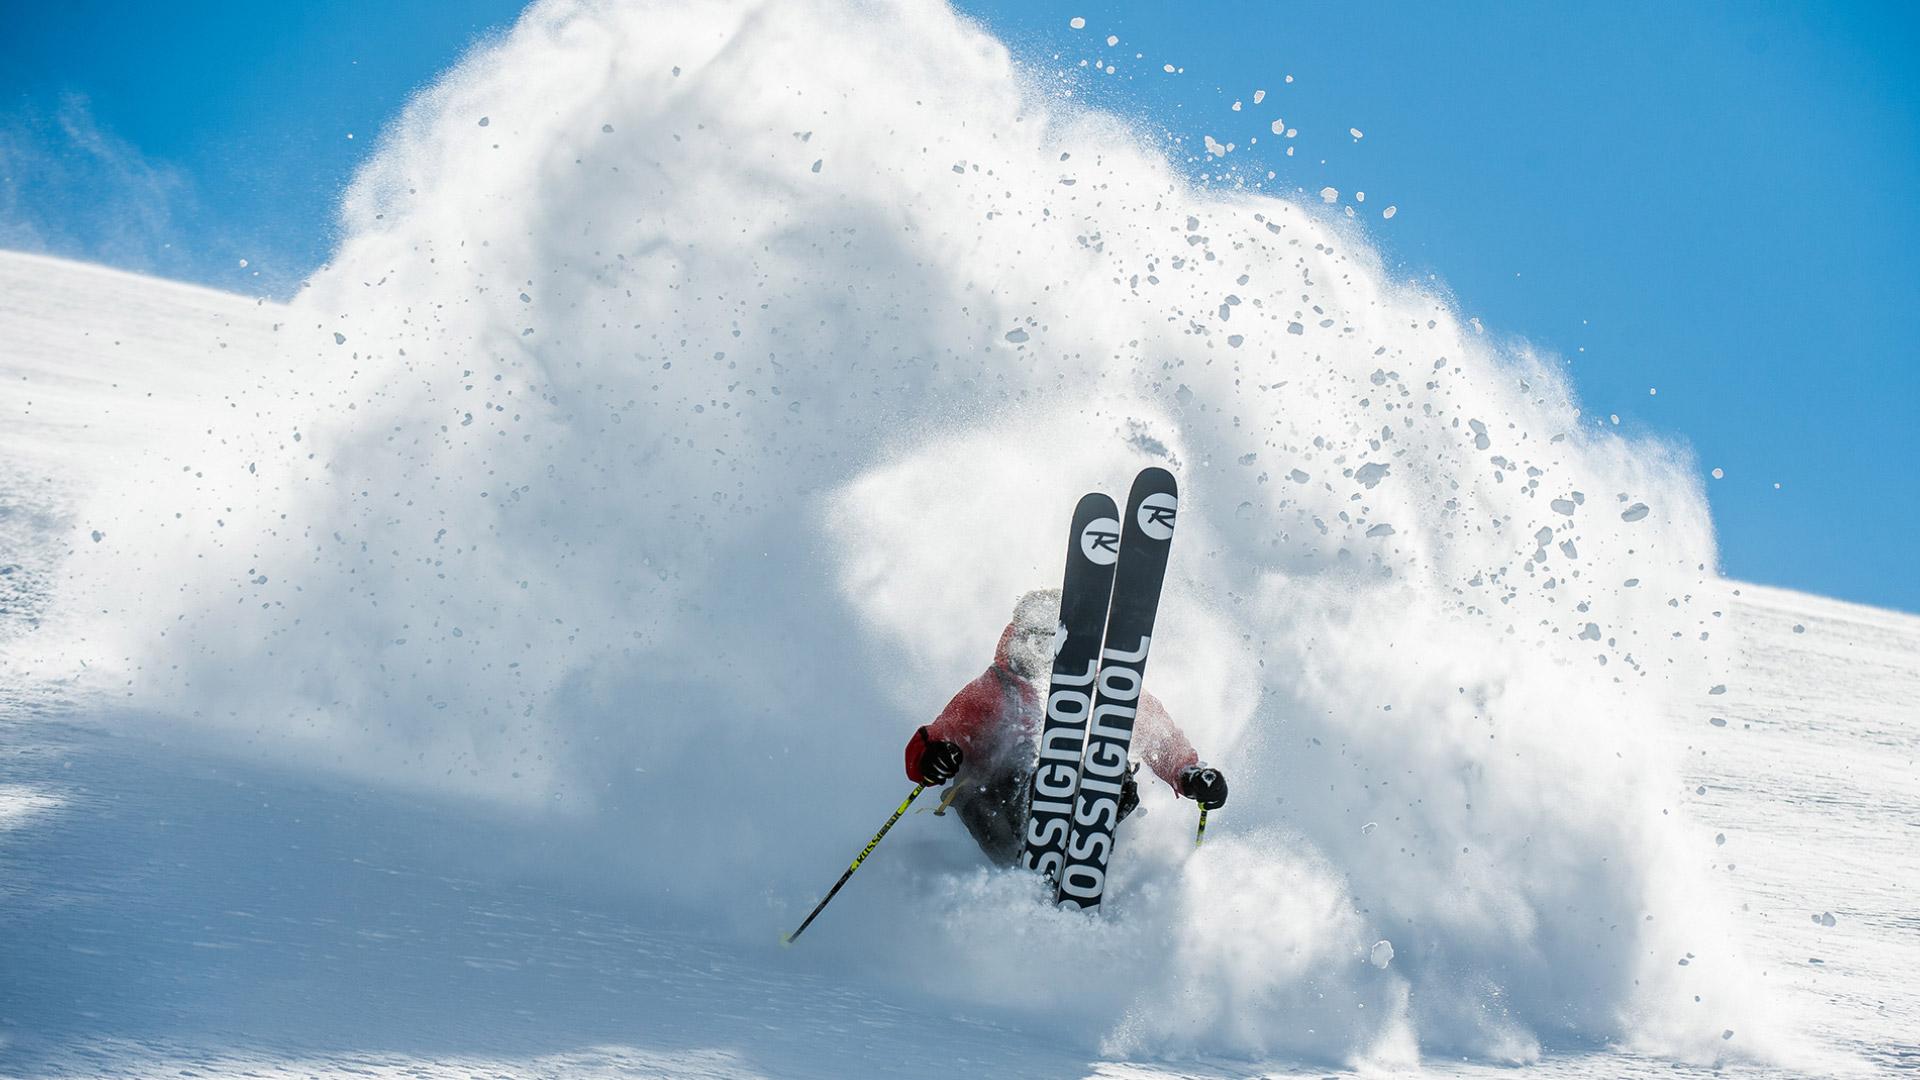 """Résultat de recherche d'images pour """"skieur rossignol"""""""